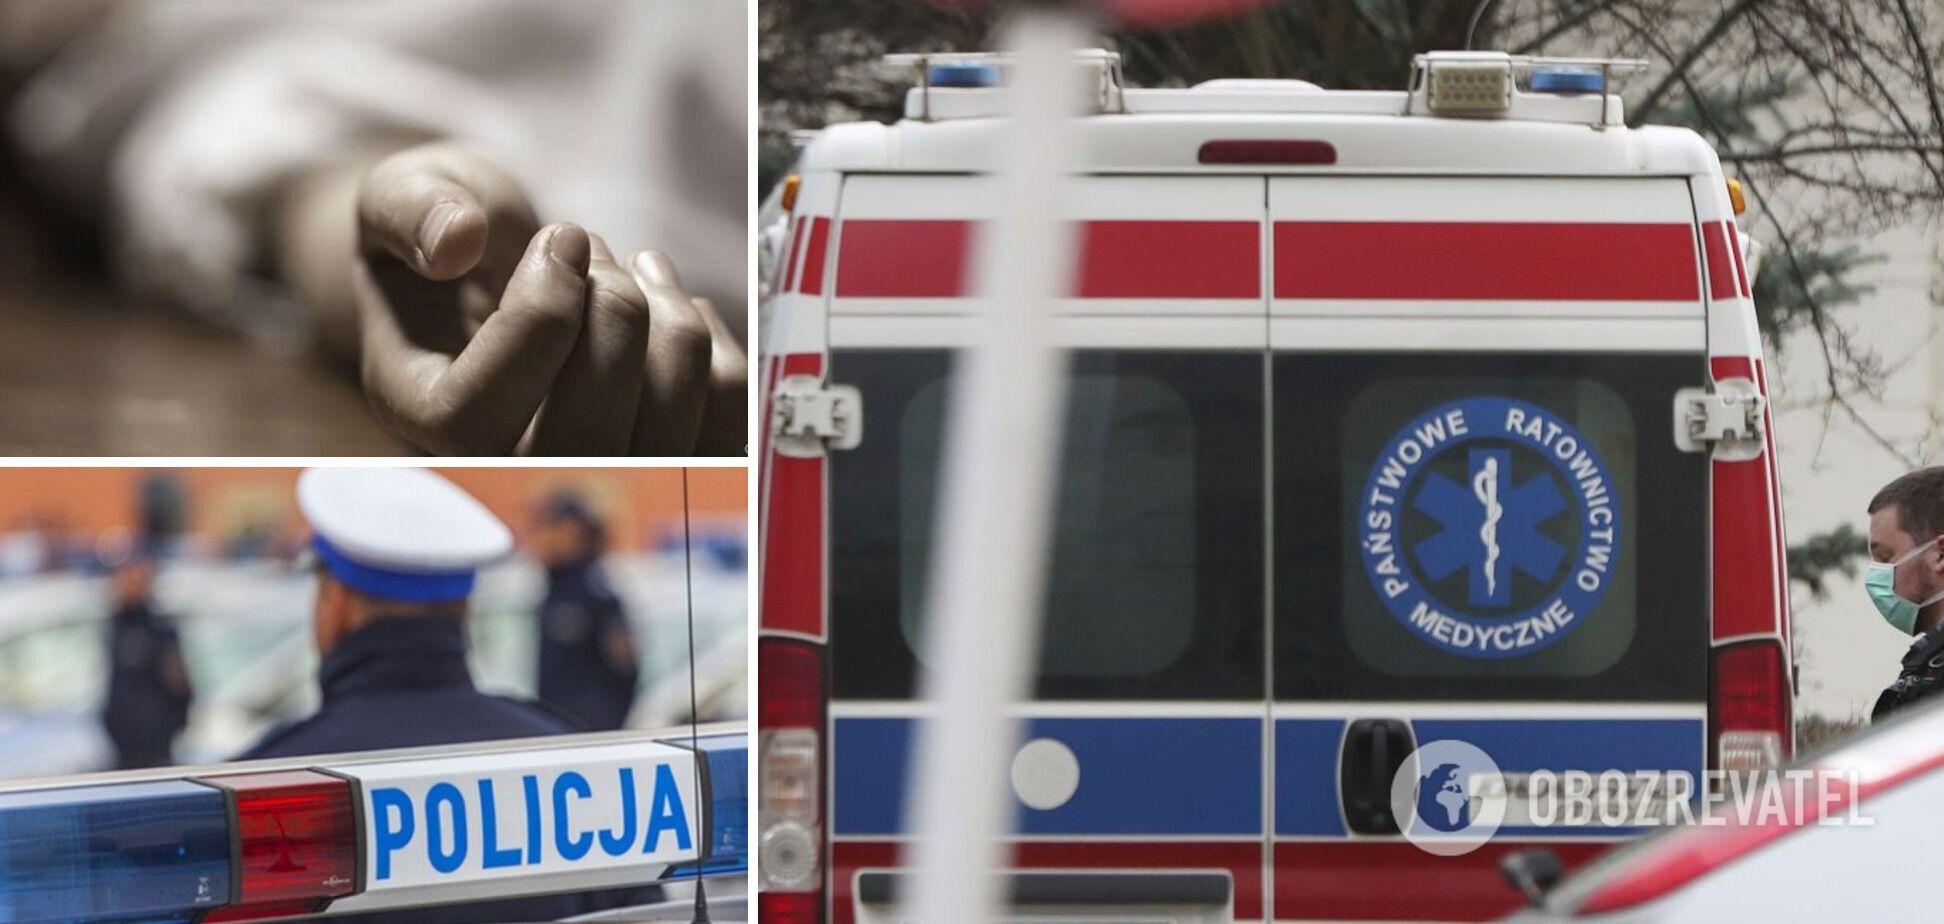 У Польщі трагічно загинув 22-річний українець: поліція розслідує справу